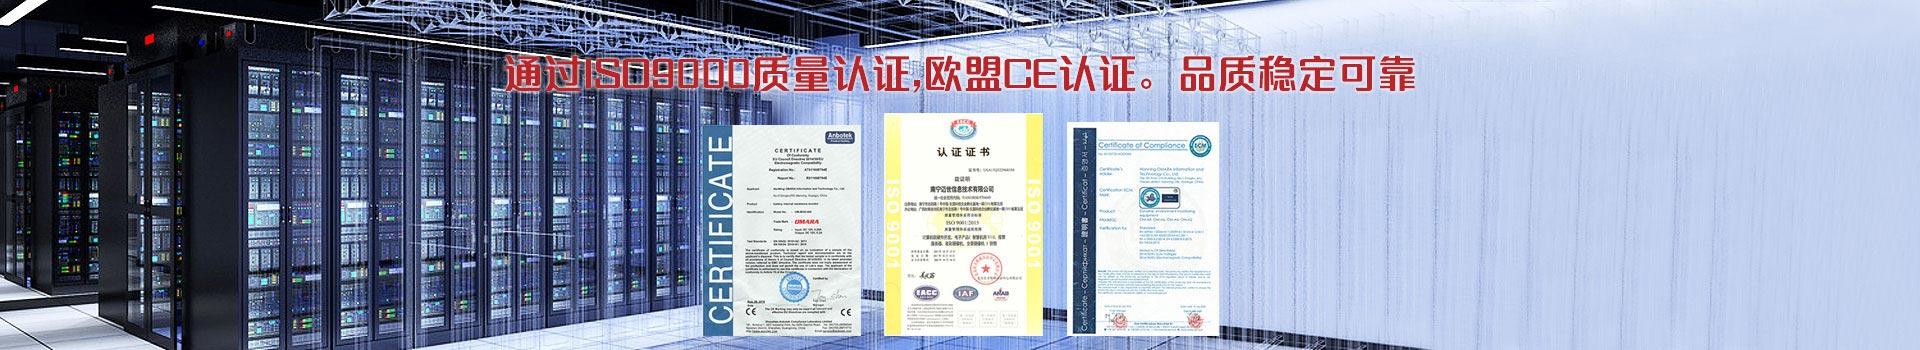 通过ISO9000质量认证,欧盟CE认证,品质稳定可靠